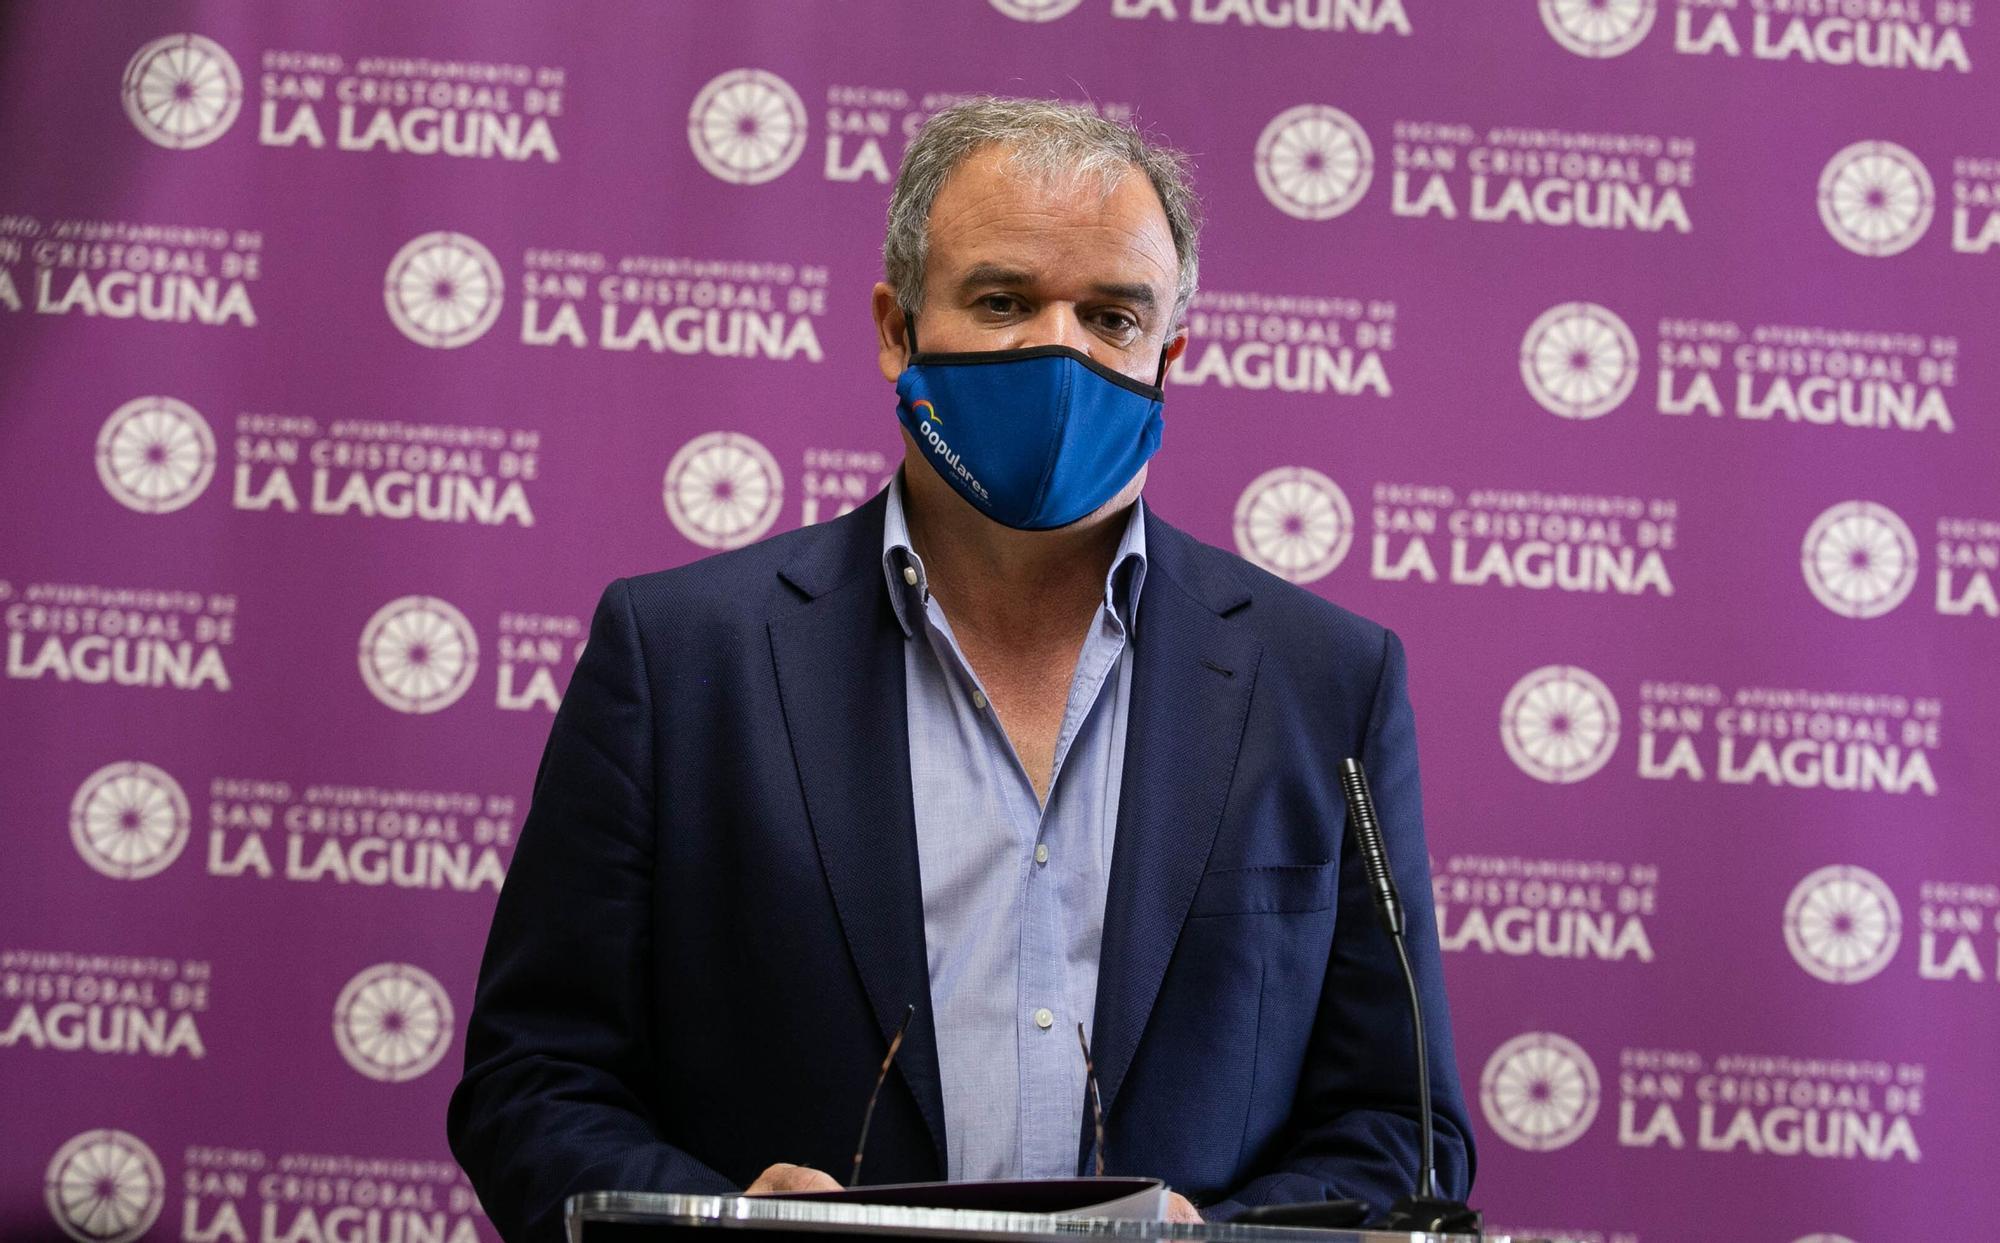 Rueda de prensa oposición La Laguna - Caso Laycas